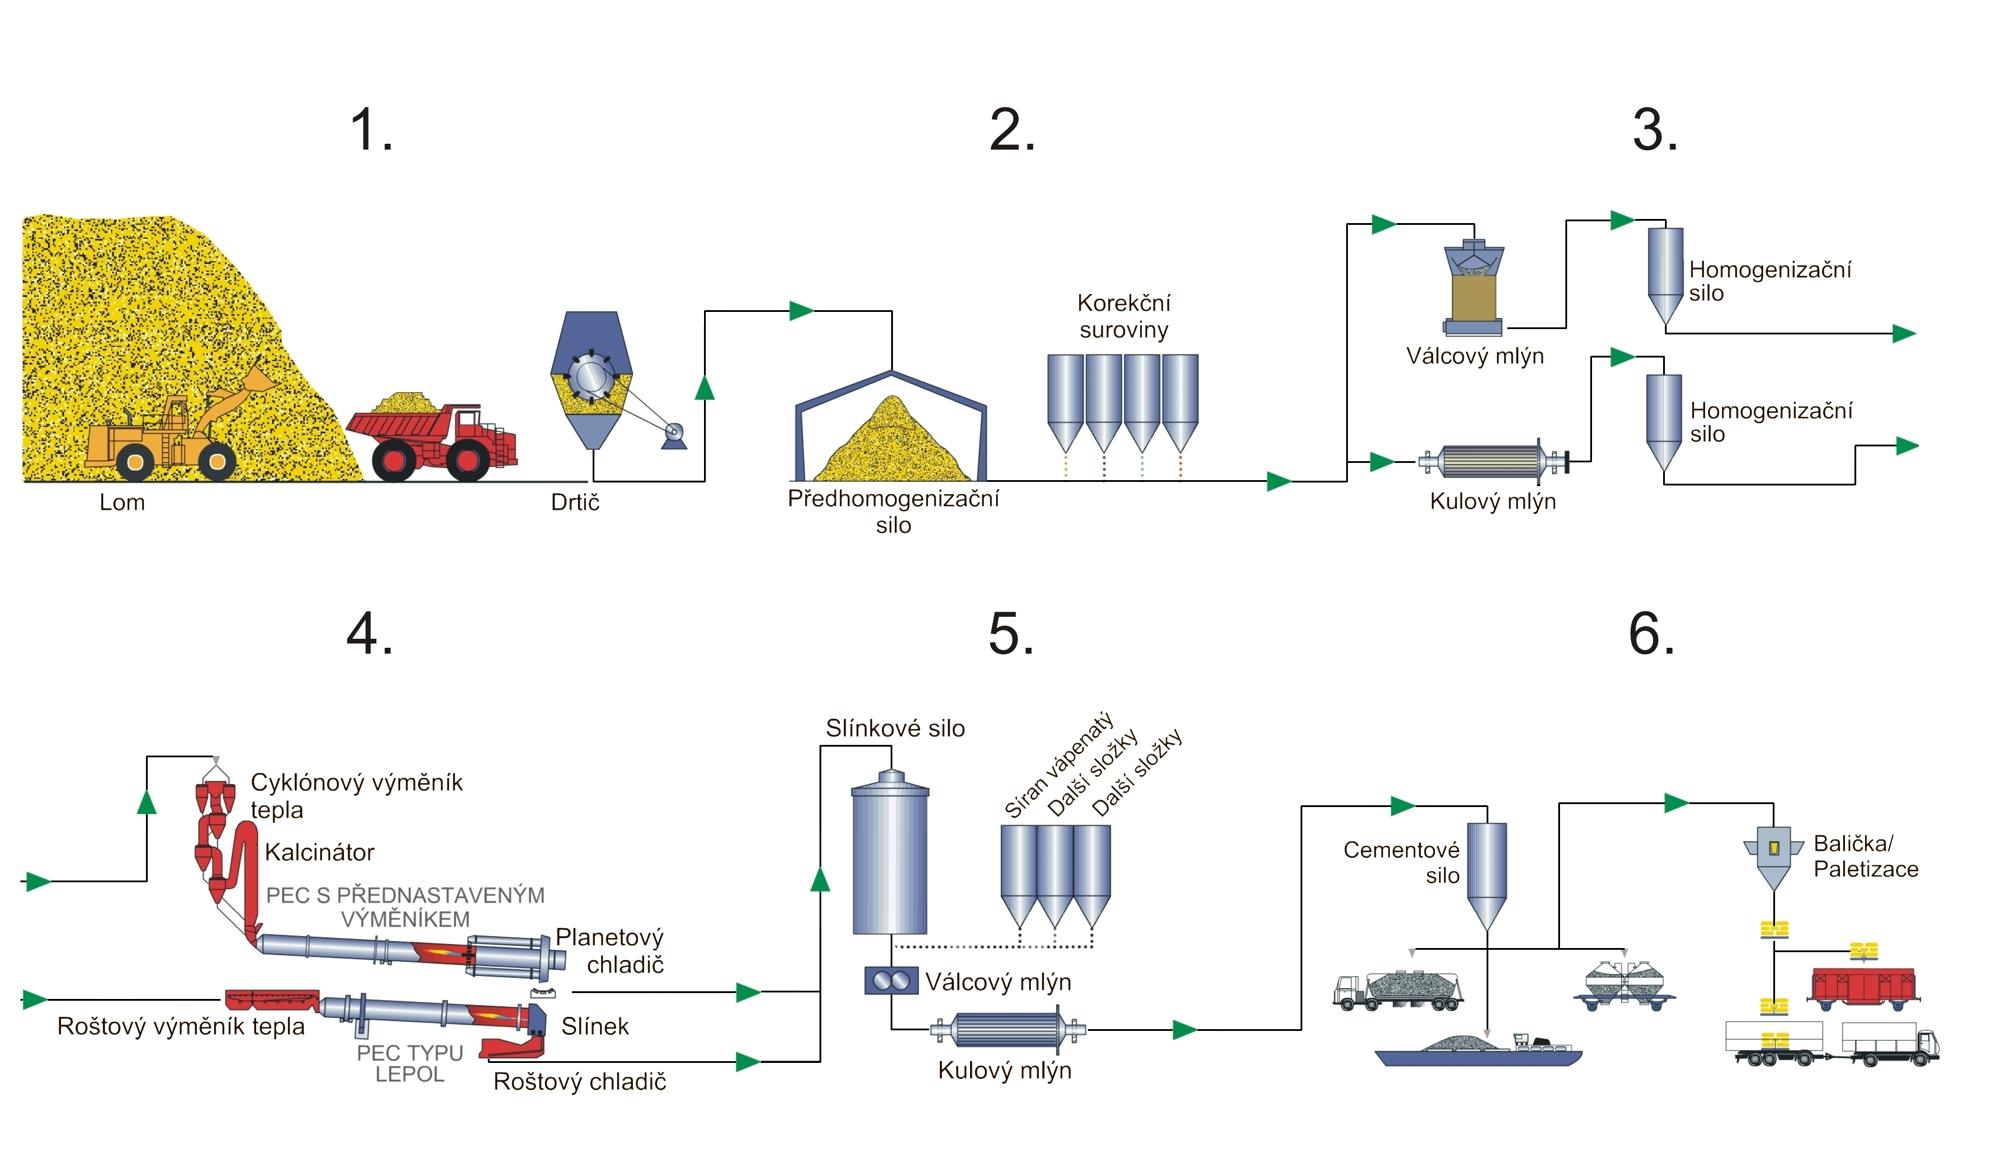 Obr. 6 Zjednodušené technologické schéma výroby cementu. Se svolením  společnosti Českomoravský cement 6d1550b760